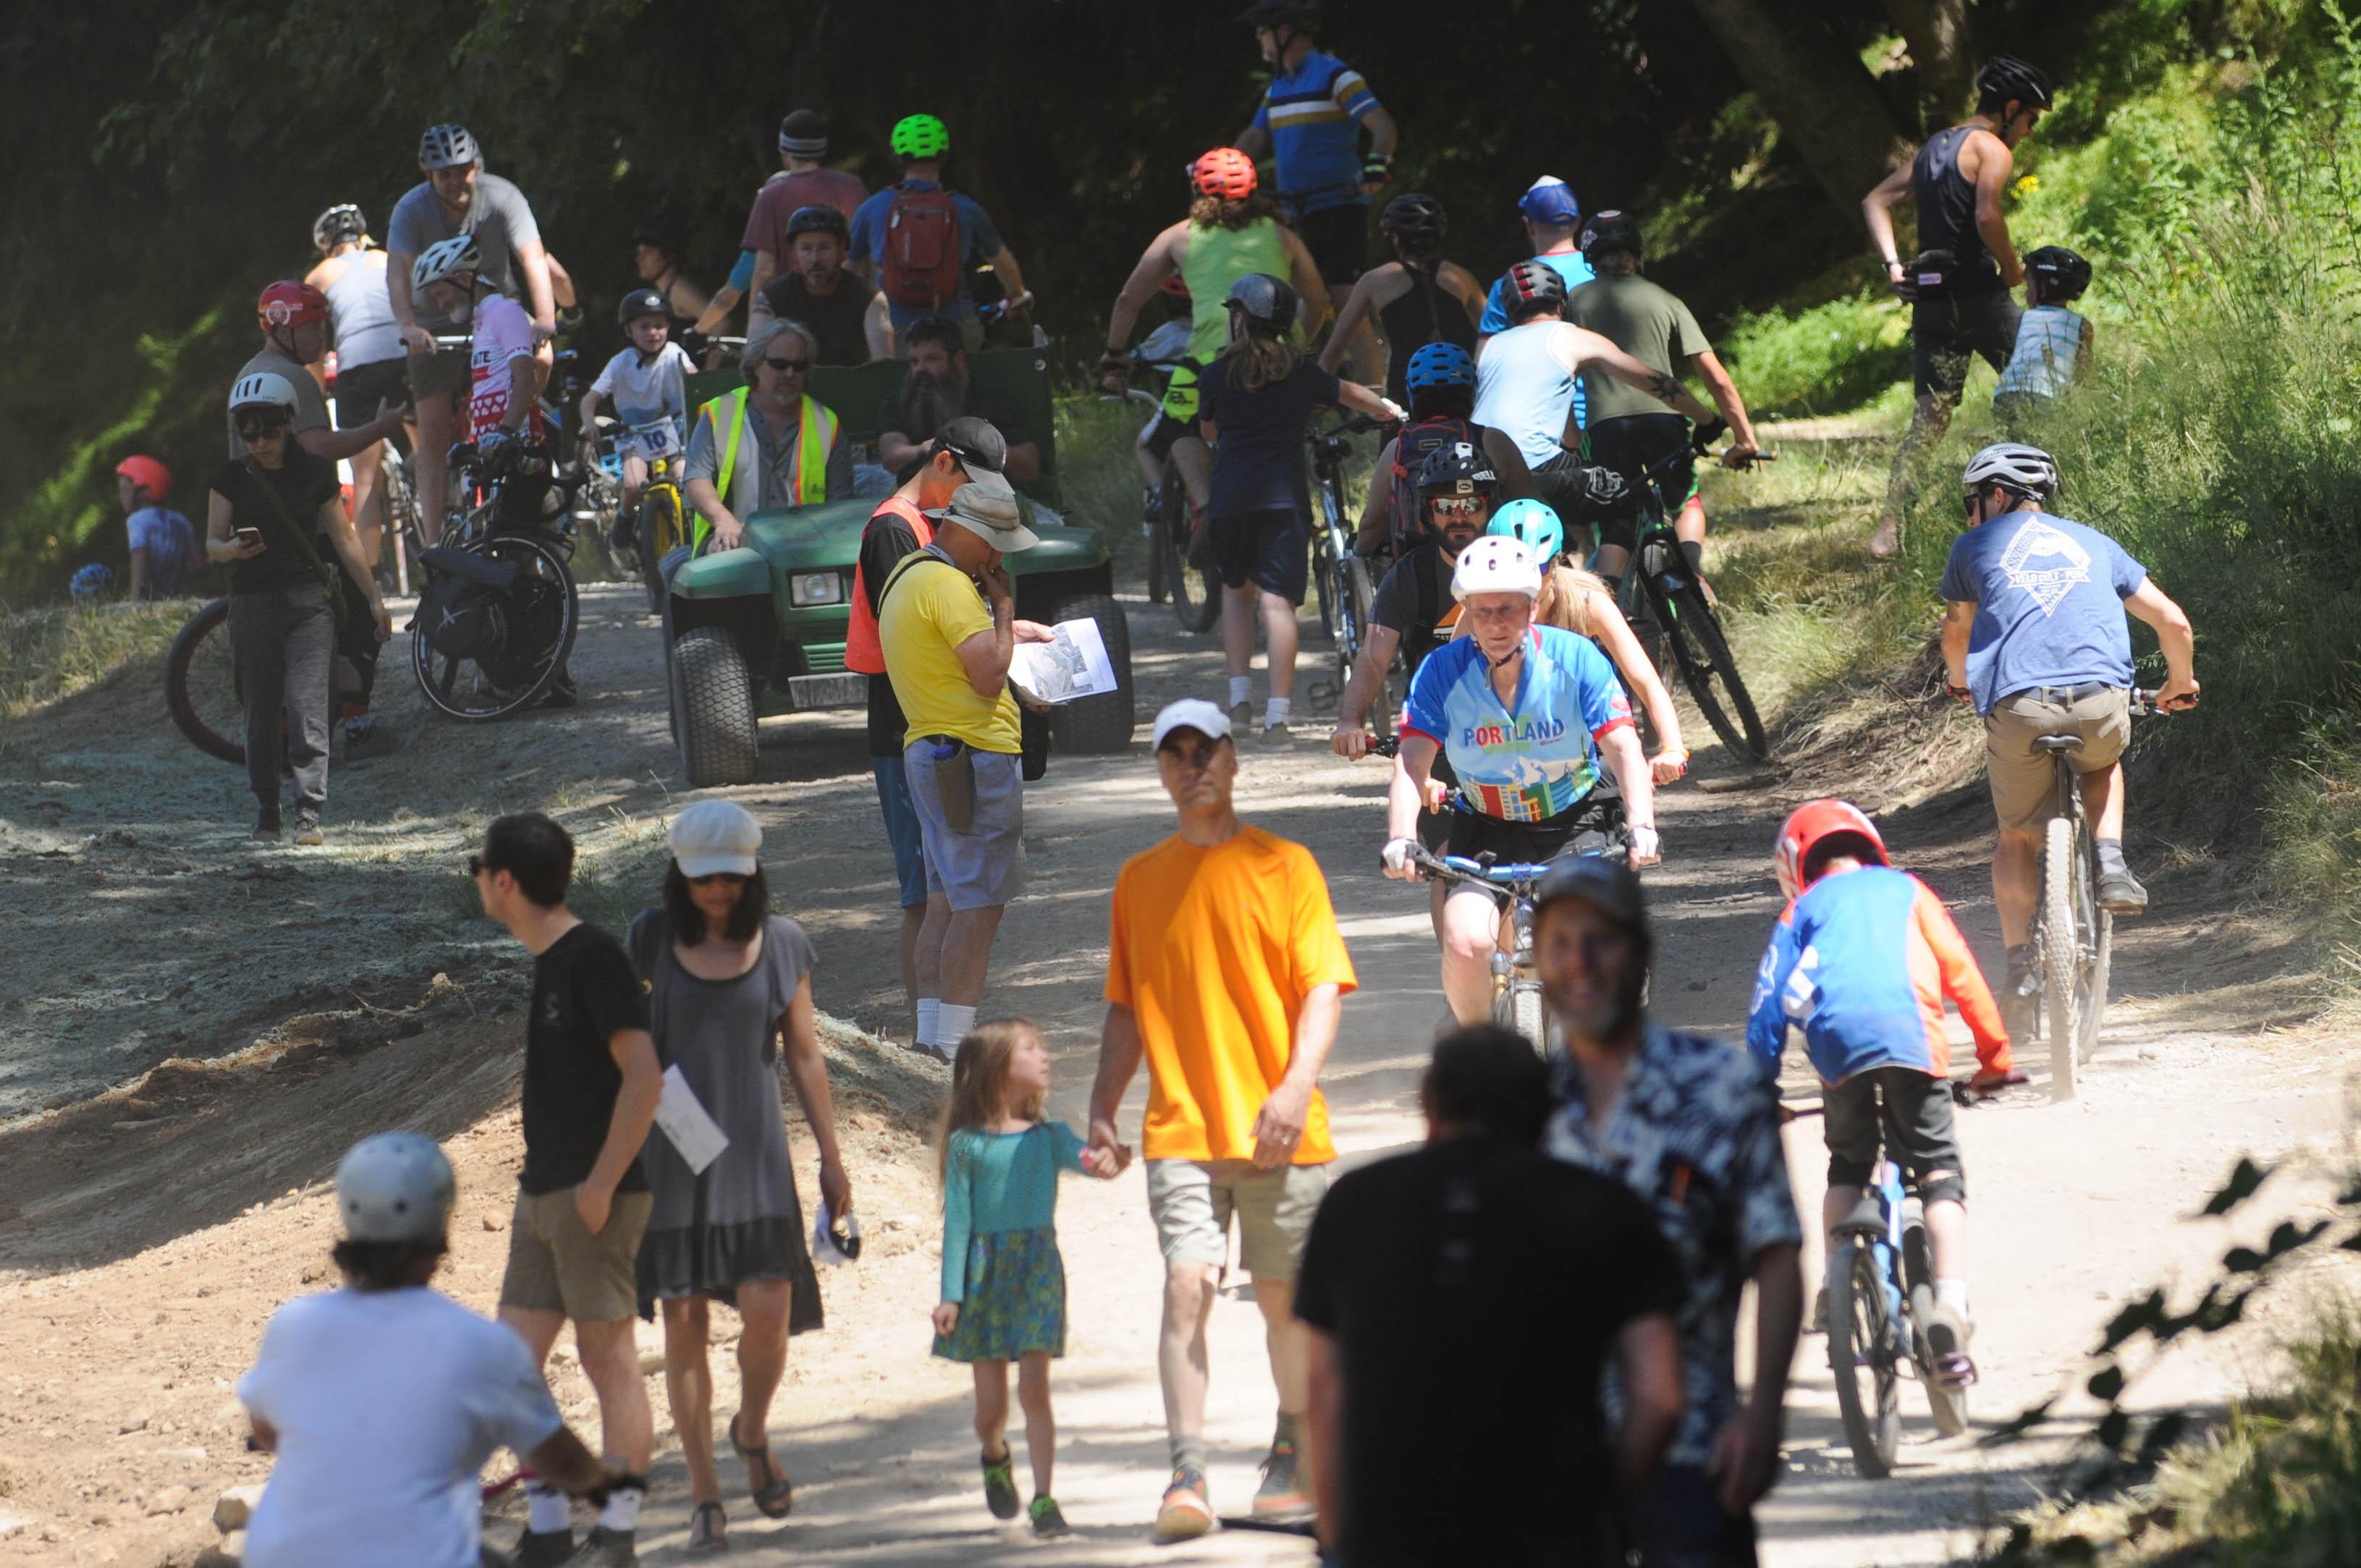 7120bae6bac0 Gateway Green s bike park opens amid optimism